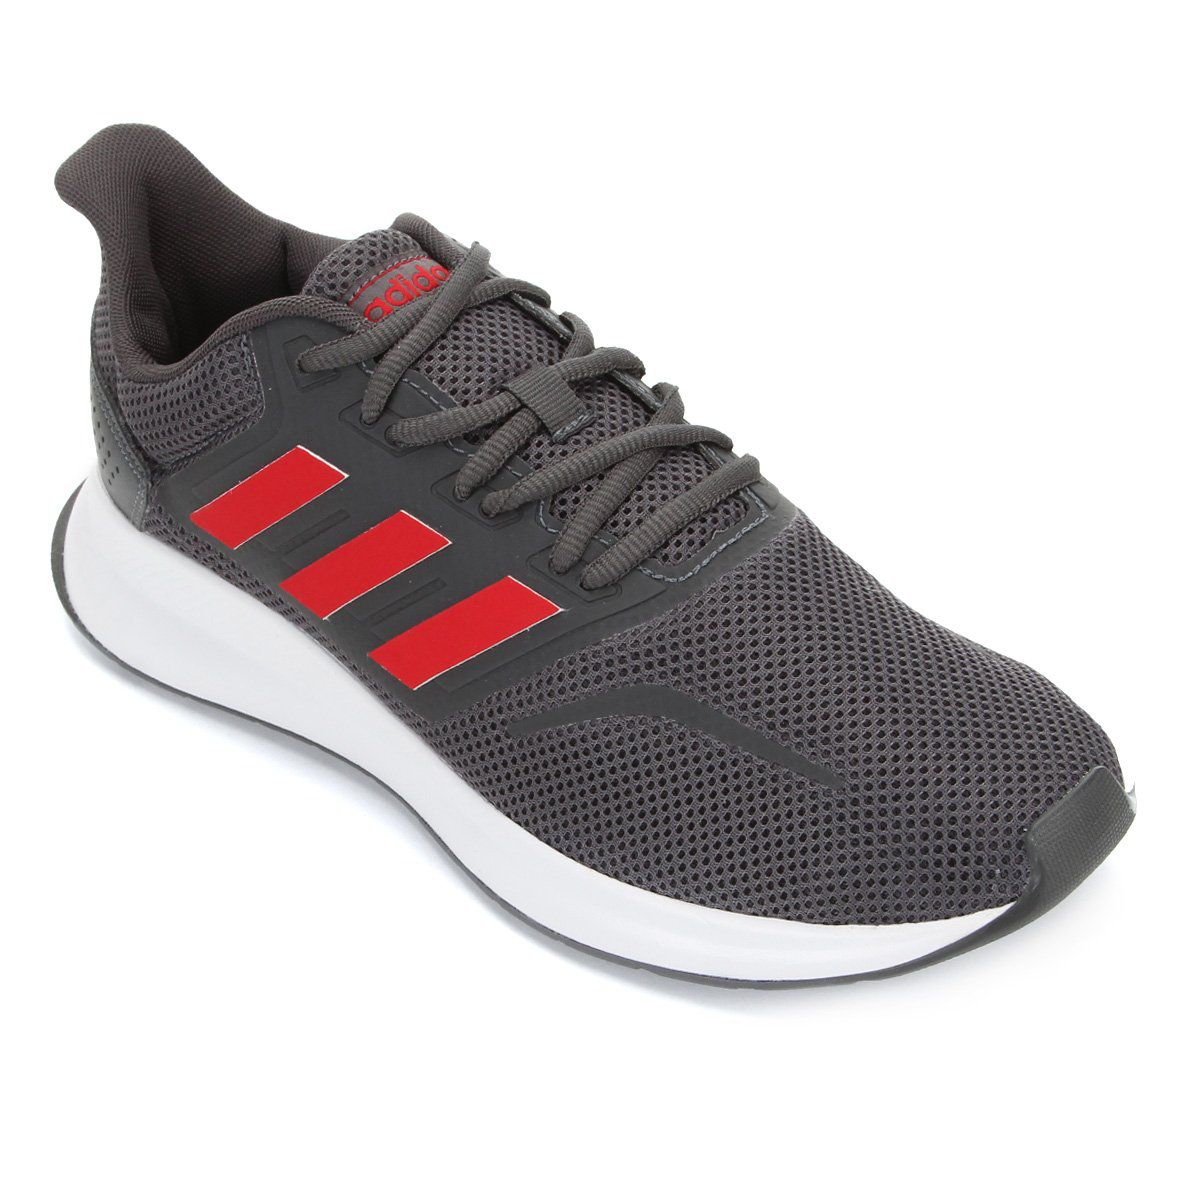 Tenis Masculino Esportivo Adidas Run Falcon